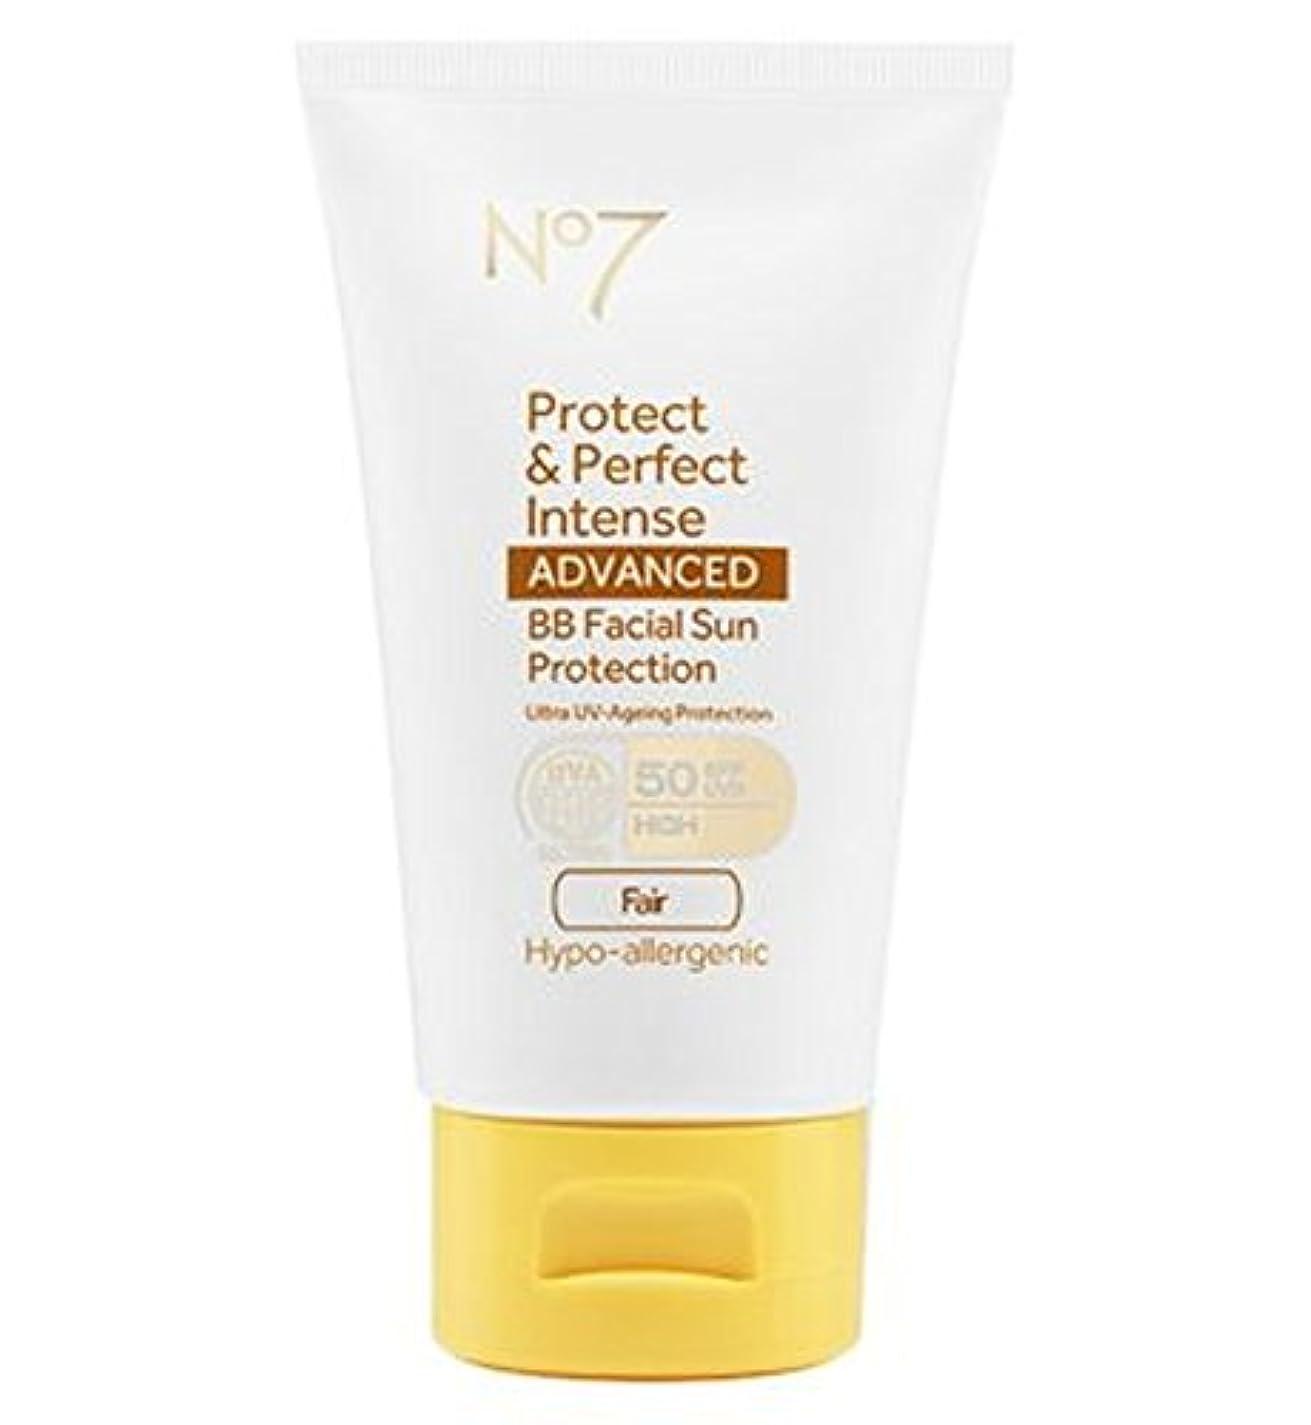 バズ拮抗必要とするNo7保護&完璧な強烈な先進Bb顔の日焼け防止Spf50フェア50ミリリットル (No7) (x2) - No7 Protect & Perfect Intense ADVANCED BB Facial Sun Protection...